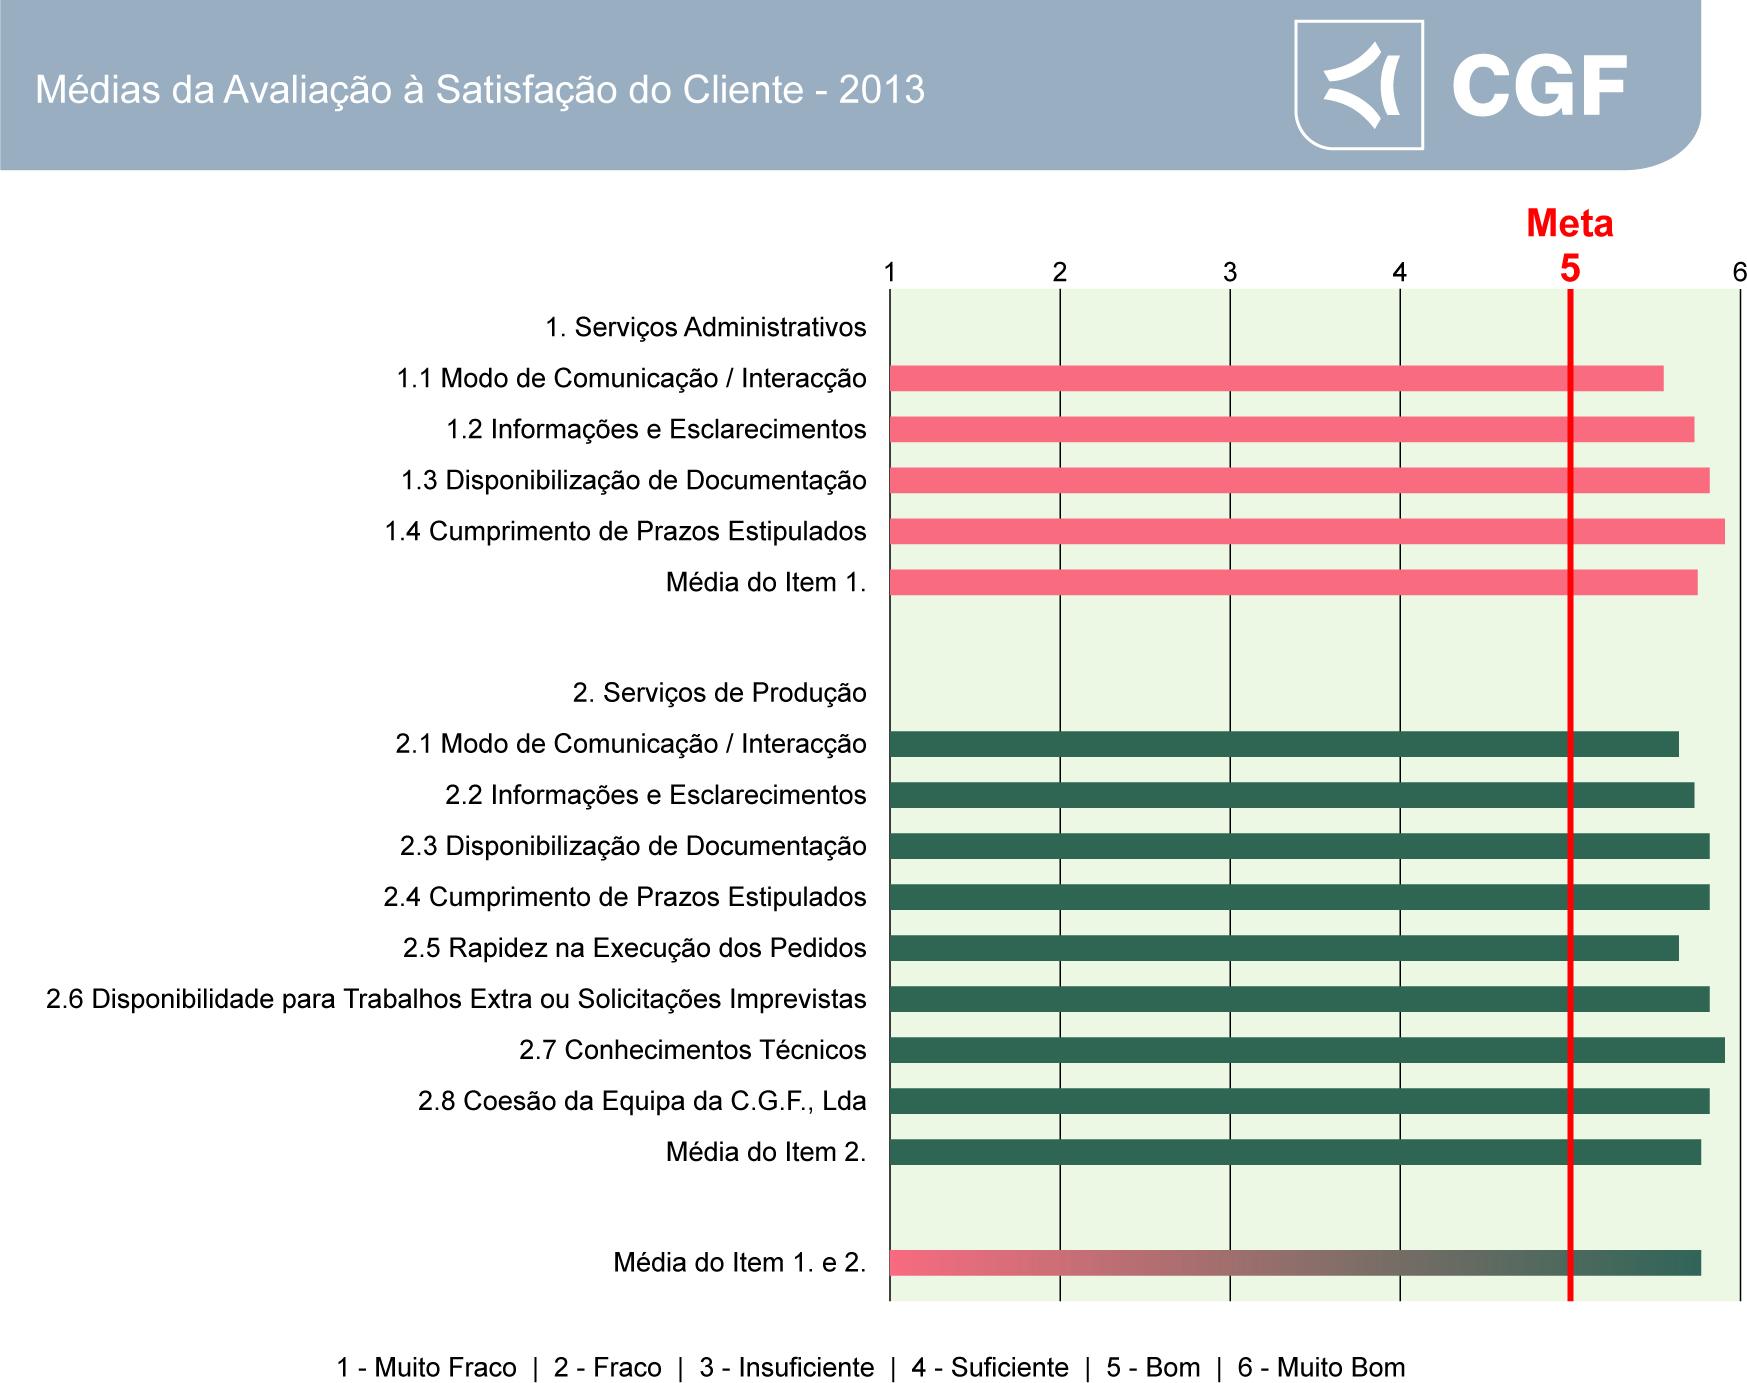 Listagem Avaliação Satisfação Cliente 2013